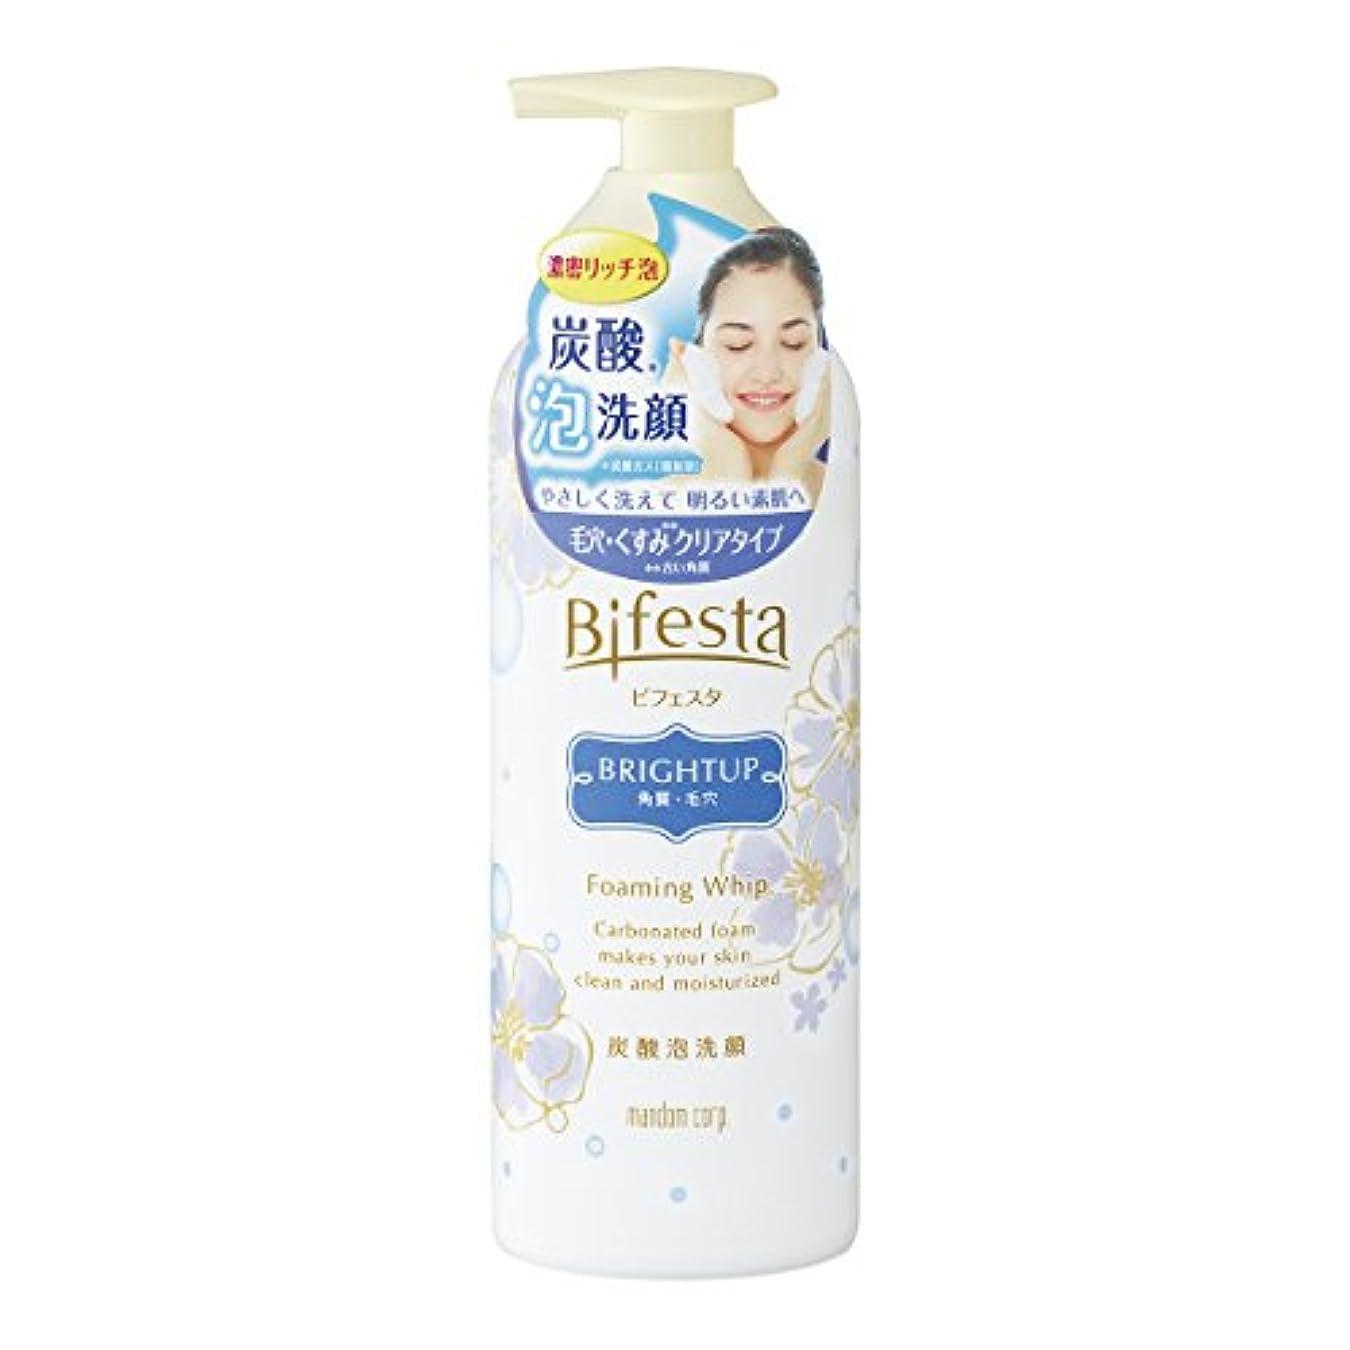 鮮やかなフラスコほこりビフェスタ 泡洗顔 ブライトアップ 180g